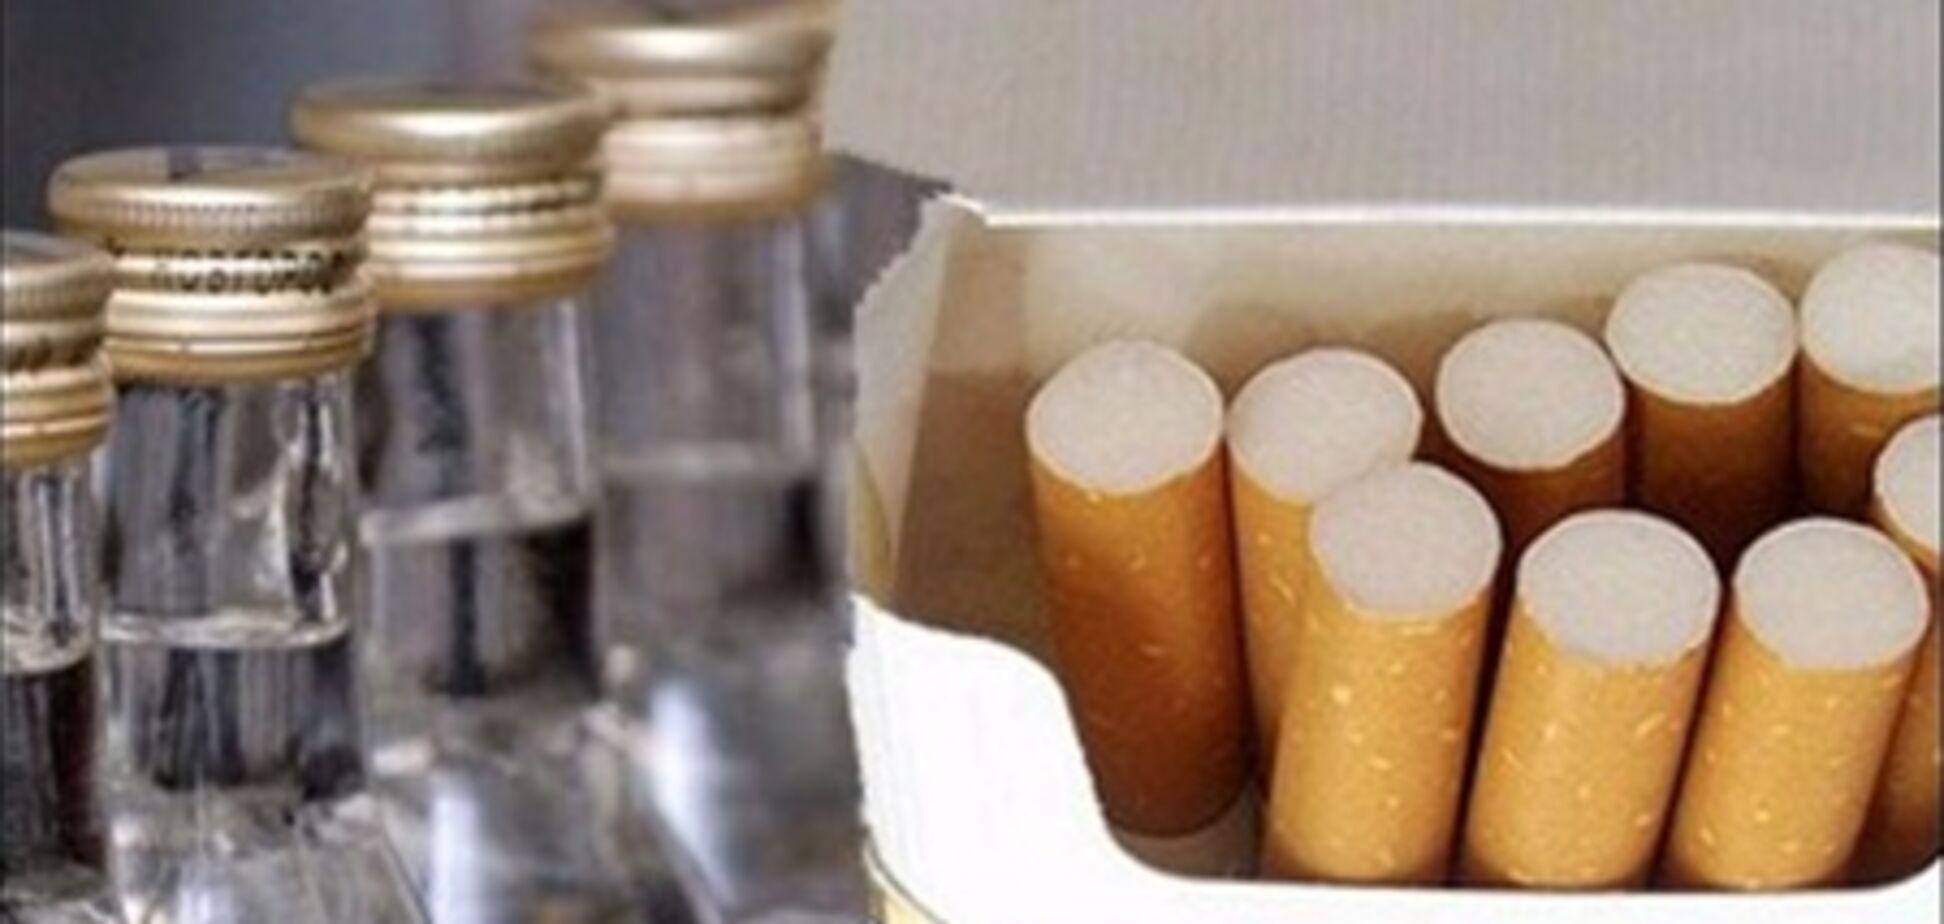 Зміни акцизу на тютюн та алкоголь залучать до бюджету понад 1 млрд гривень